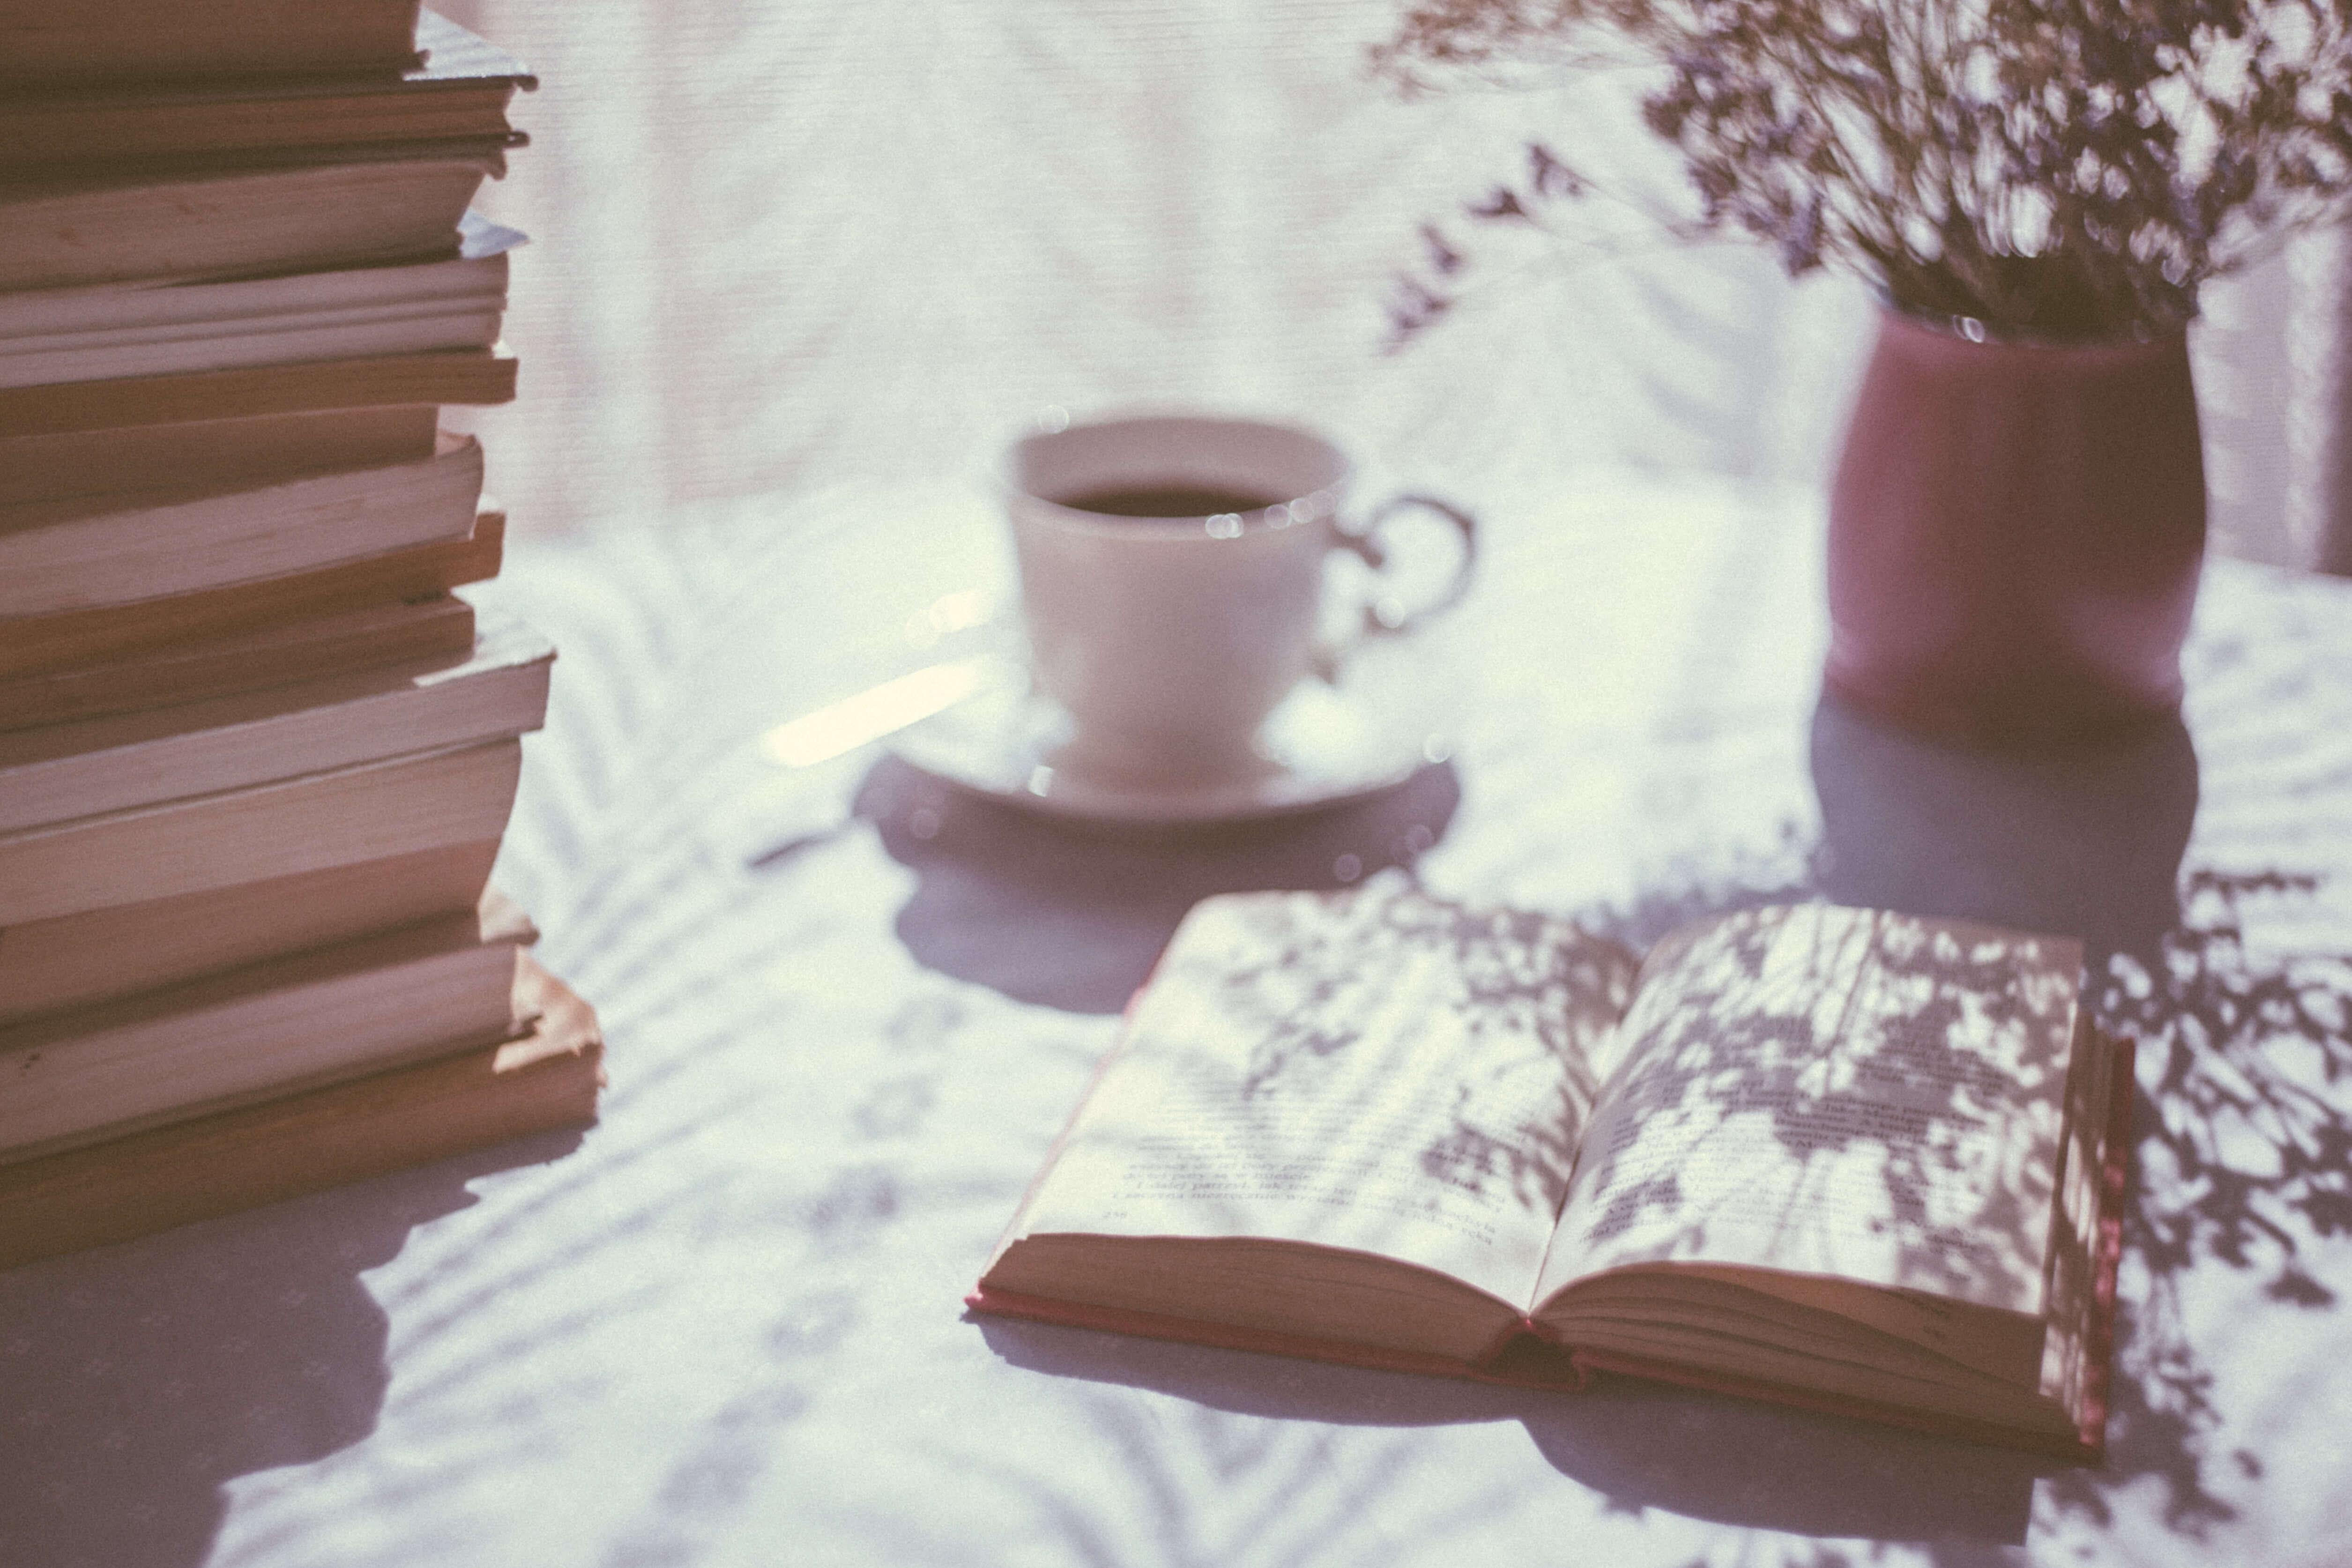 Литературные чтения: 7 книг, о знакомстве с которыми все врут-Фото 1